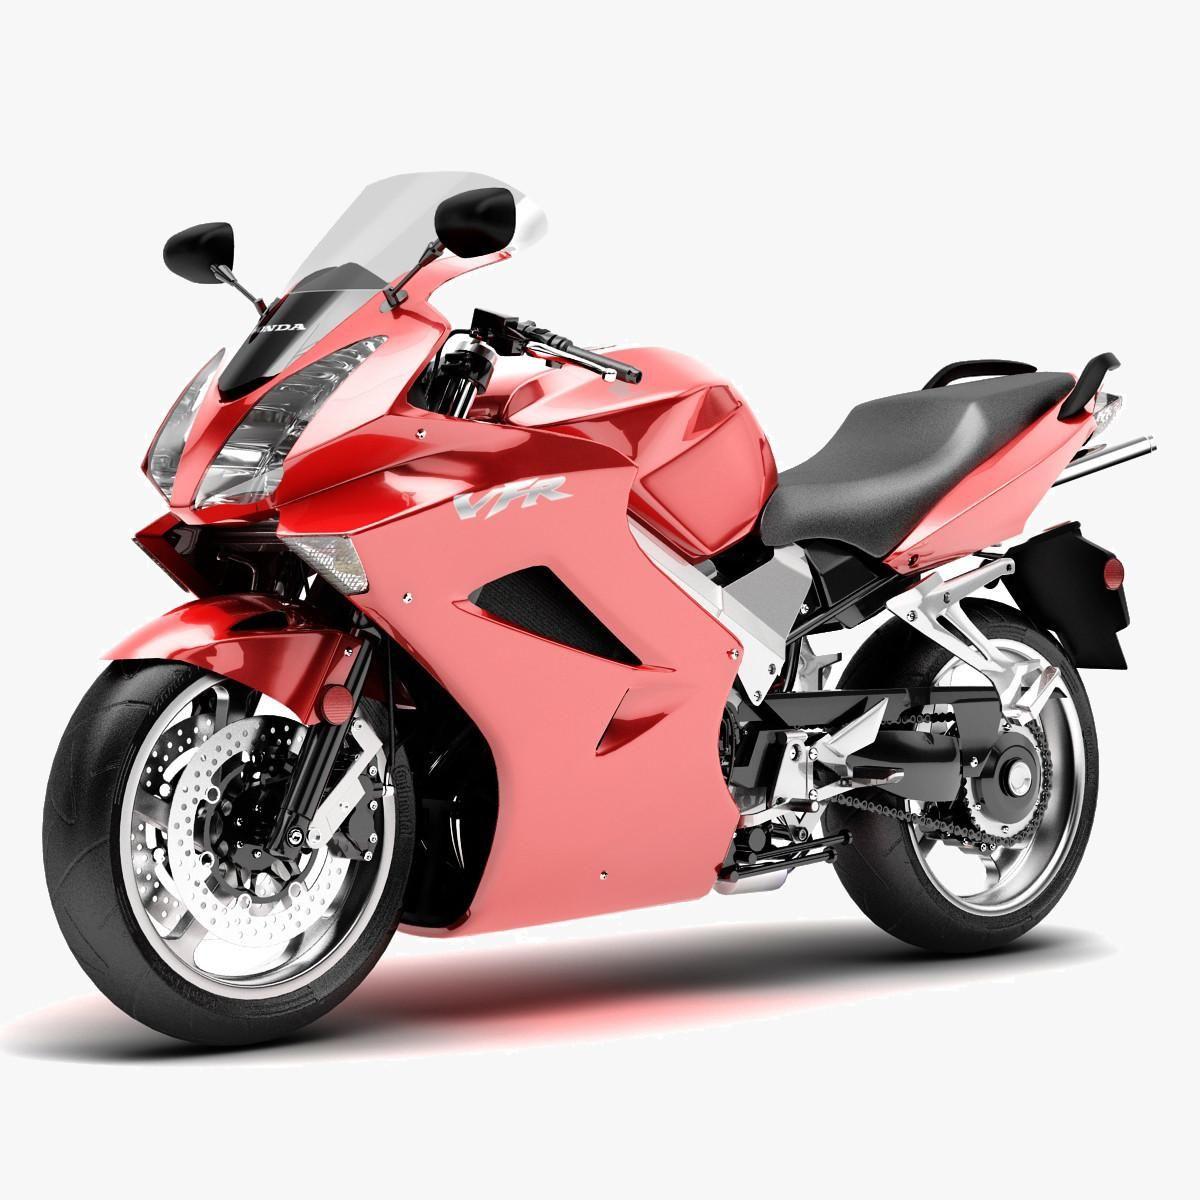 Motorcycle Honda VFR 800 3D Model AD ,HondaMotorcycle